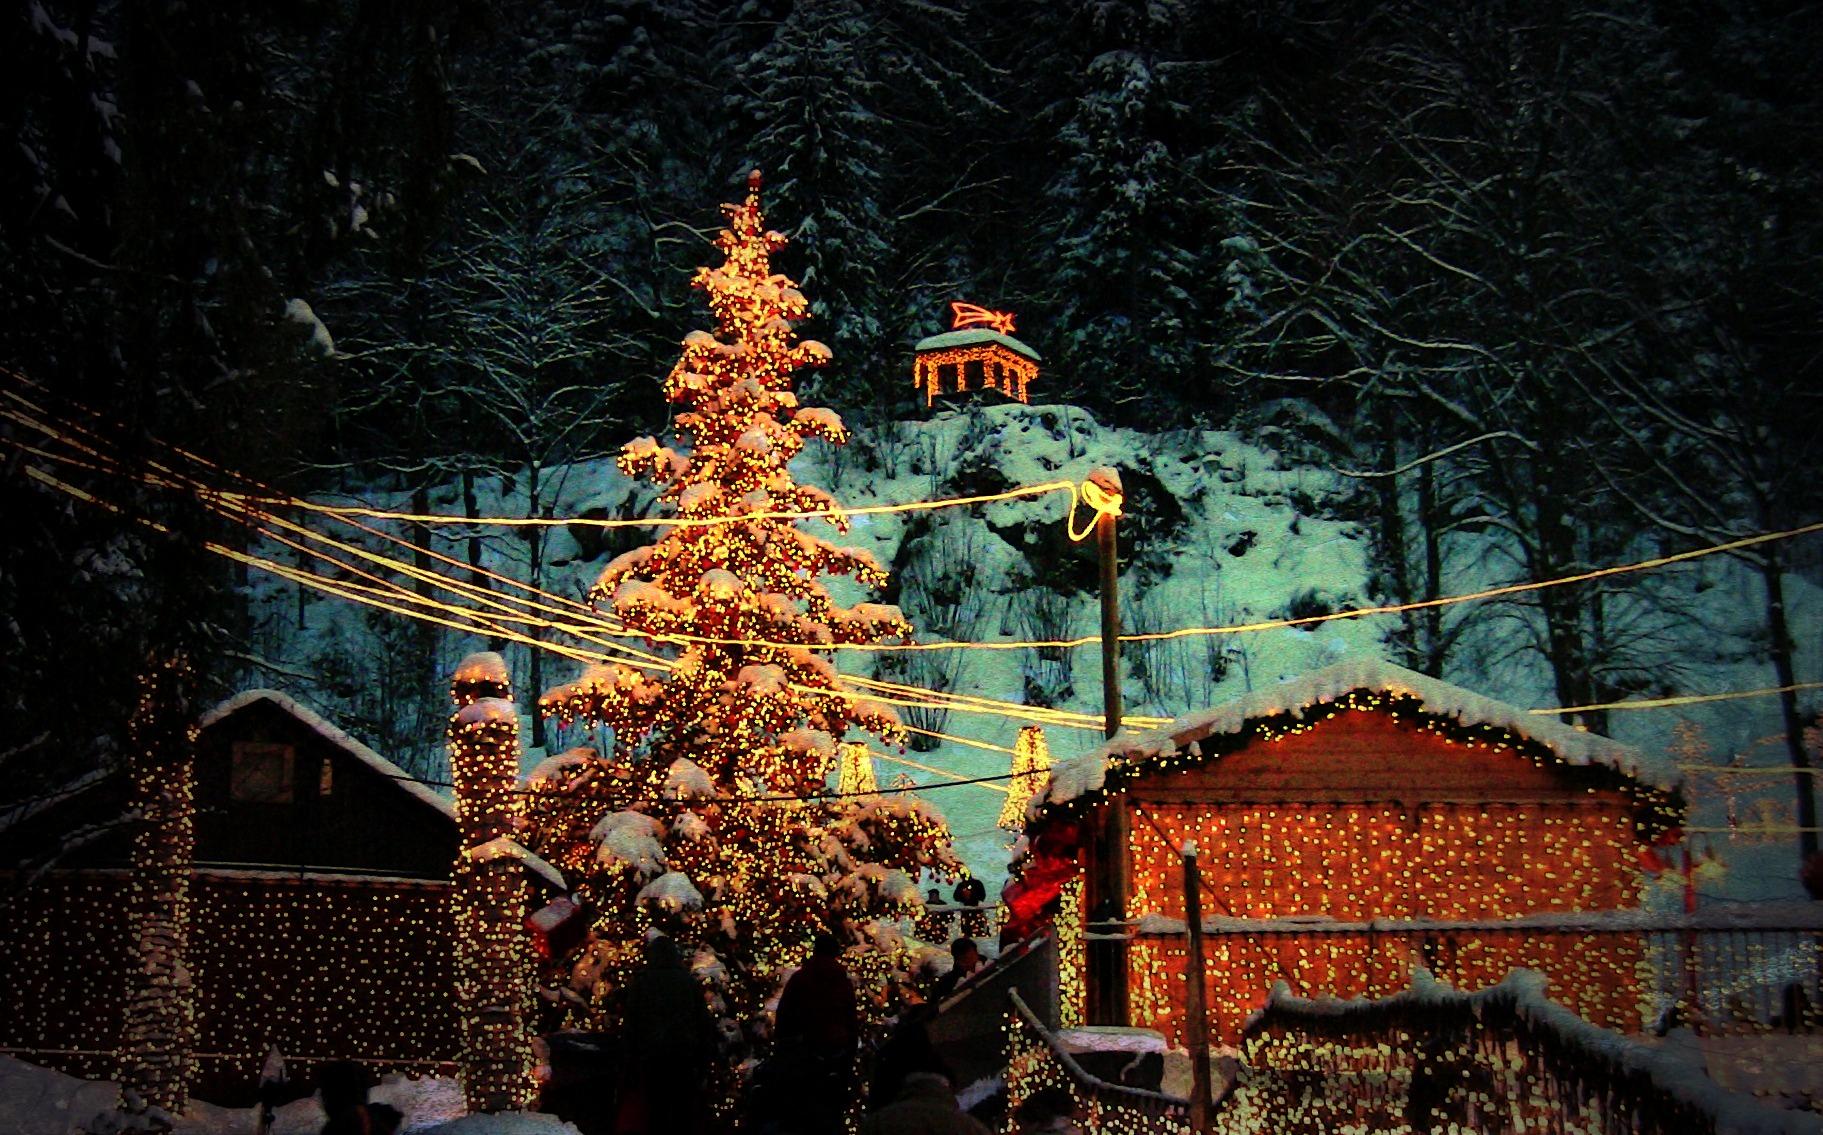 Hintergrundbilder : Weihnachten, Schnee, Winter, Textur, Eis, Nacht ...